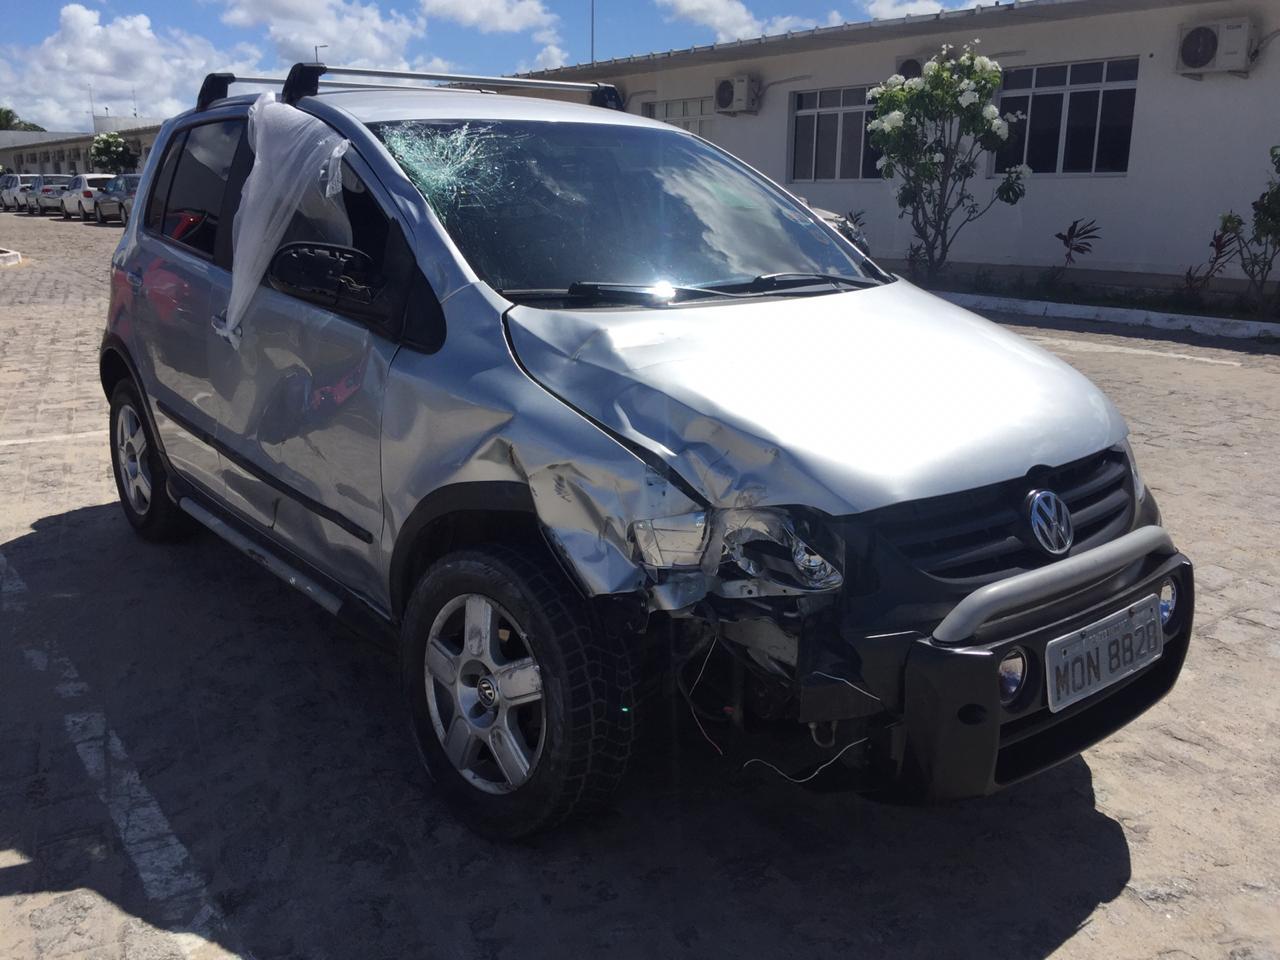 carro - Polícia Civil prende suspeito de causar acidente que matou comerciante em JP